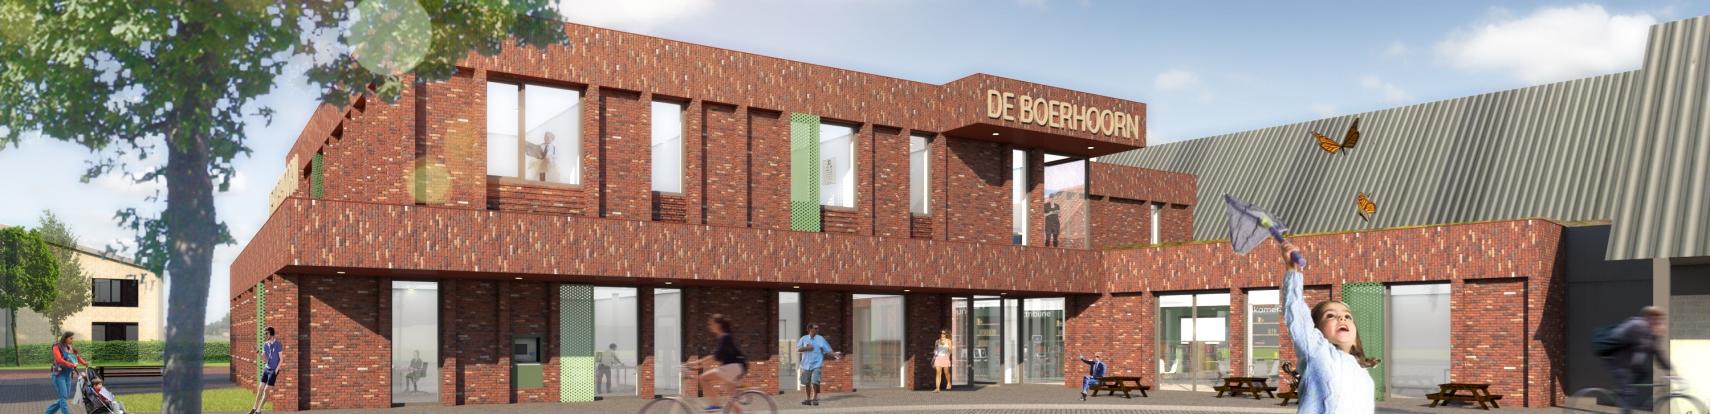 Impressie De Boerhoorn - BDG Architecten